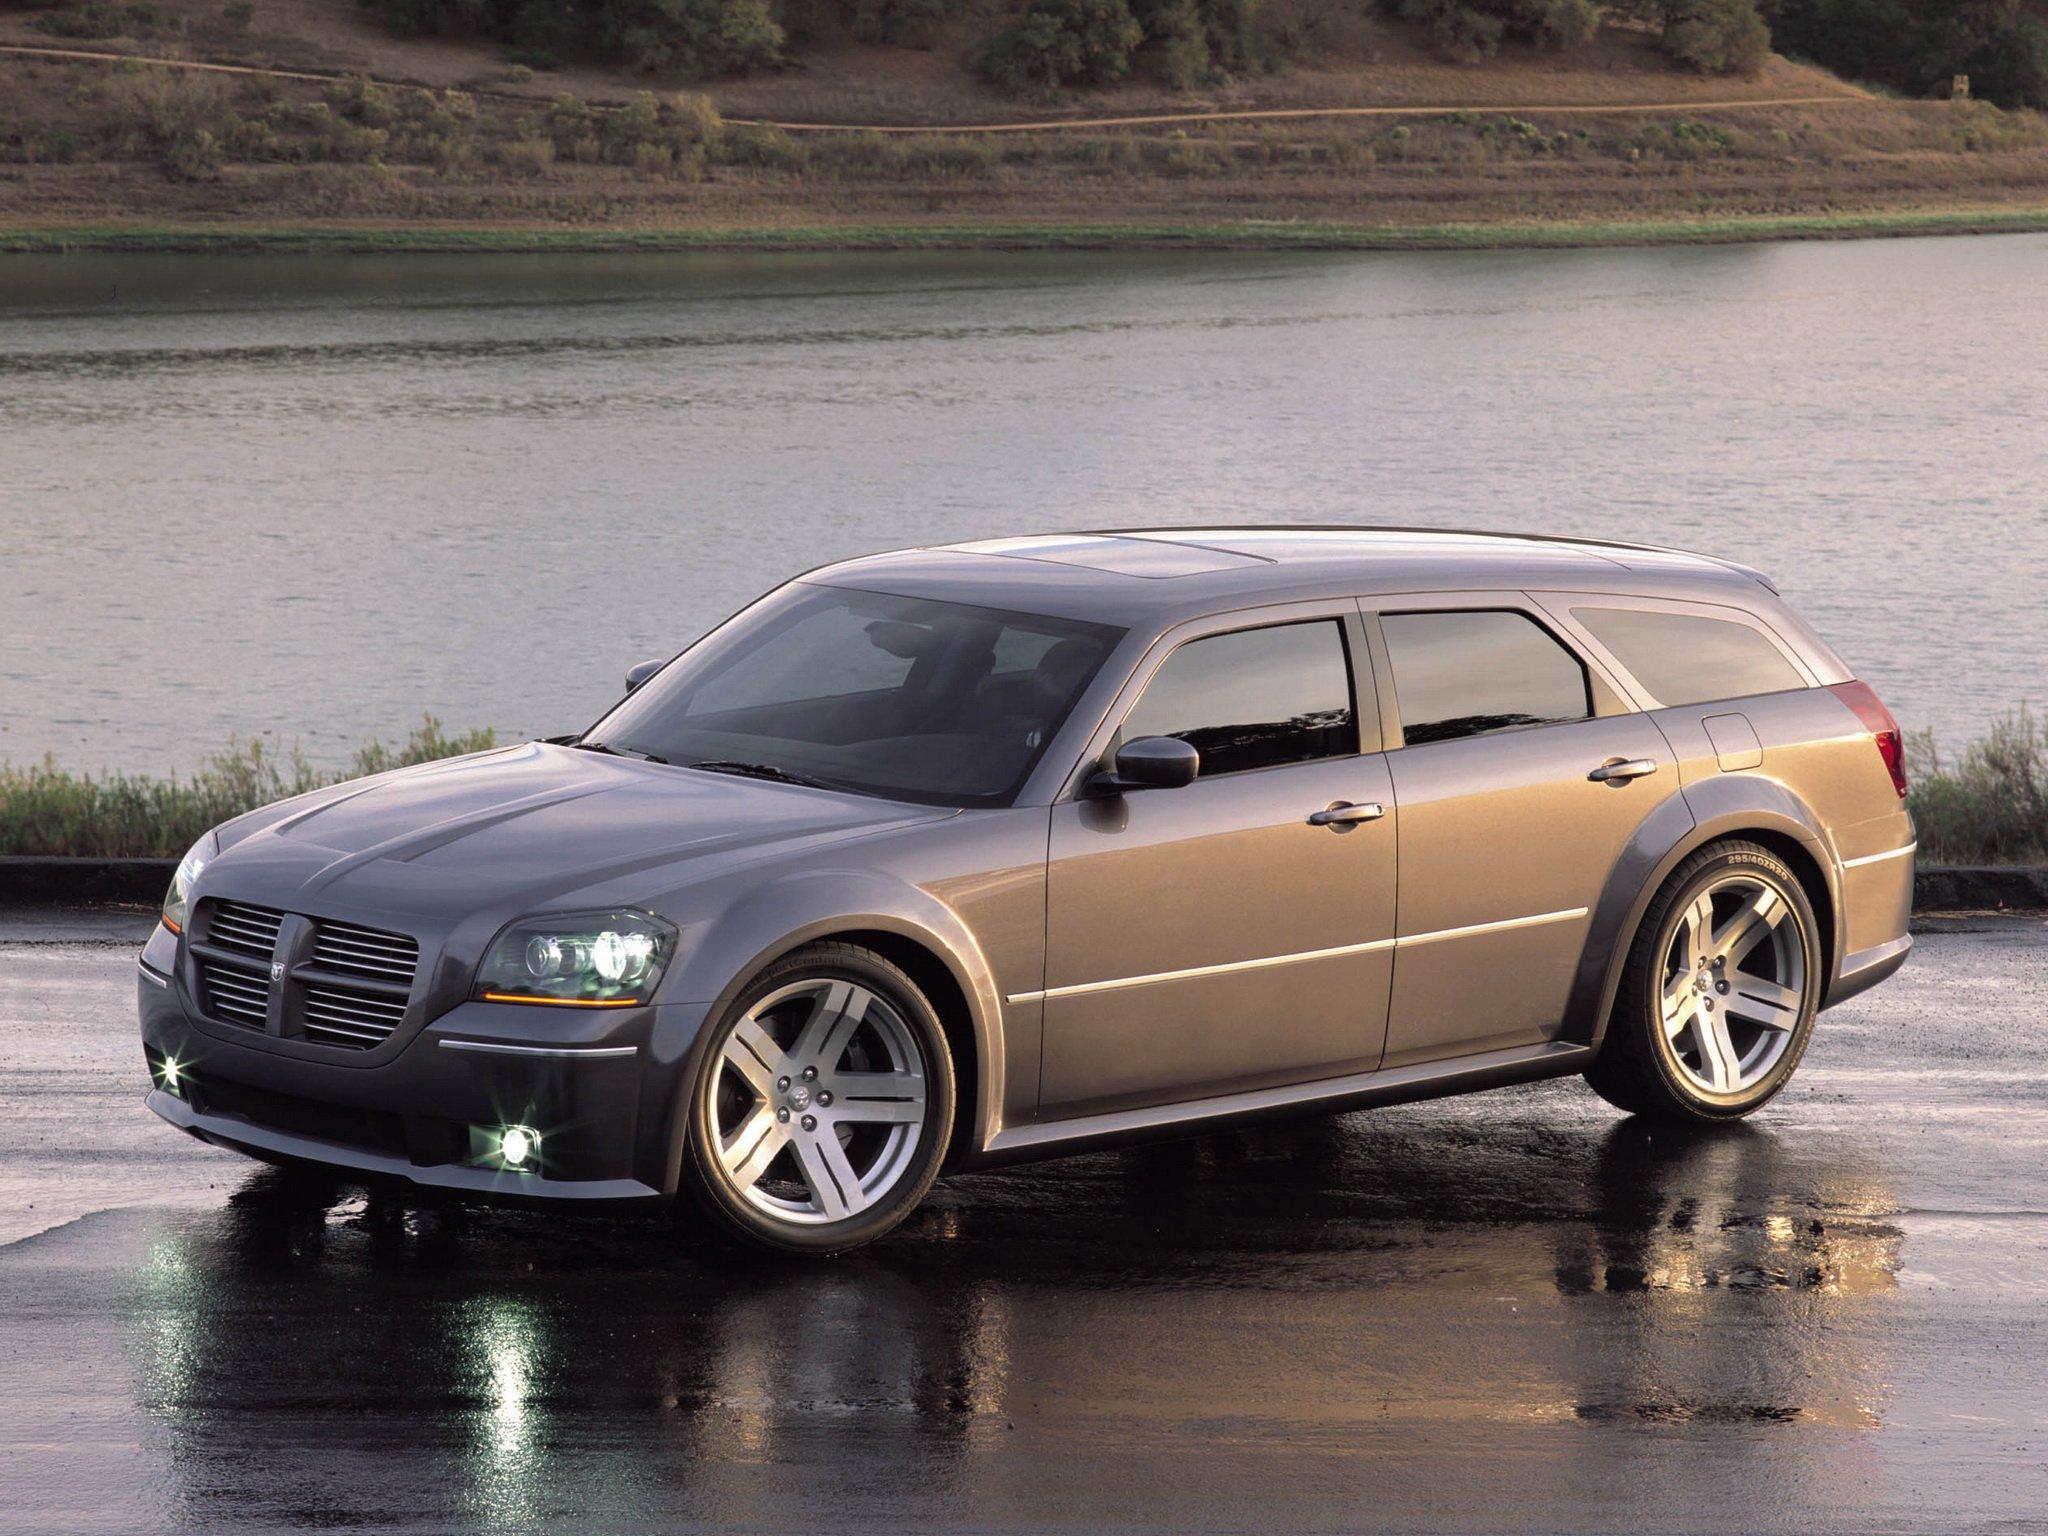 2003 Dodge Magnum SRT8 Concept LX srt8 stationwagon muscle